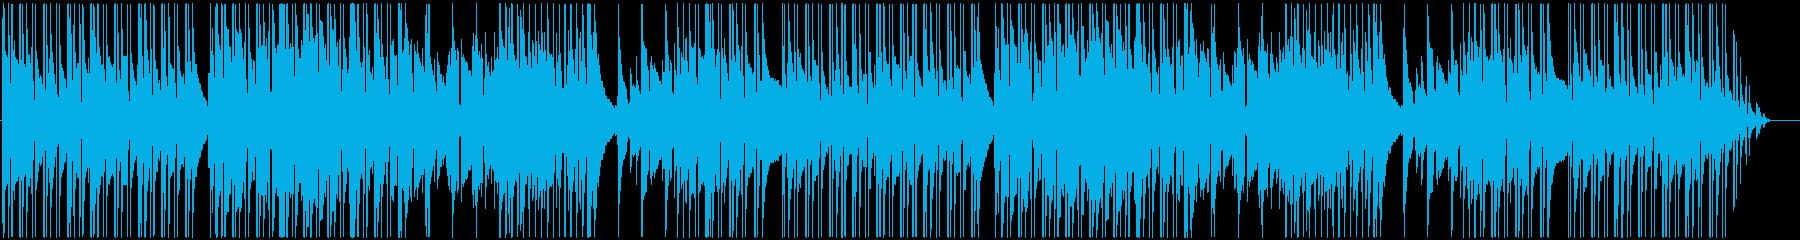 安心感ある、穏やかでポップな日常BGMの再生済みの波形